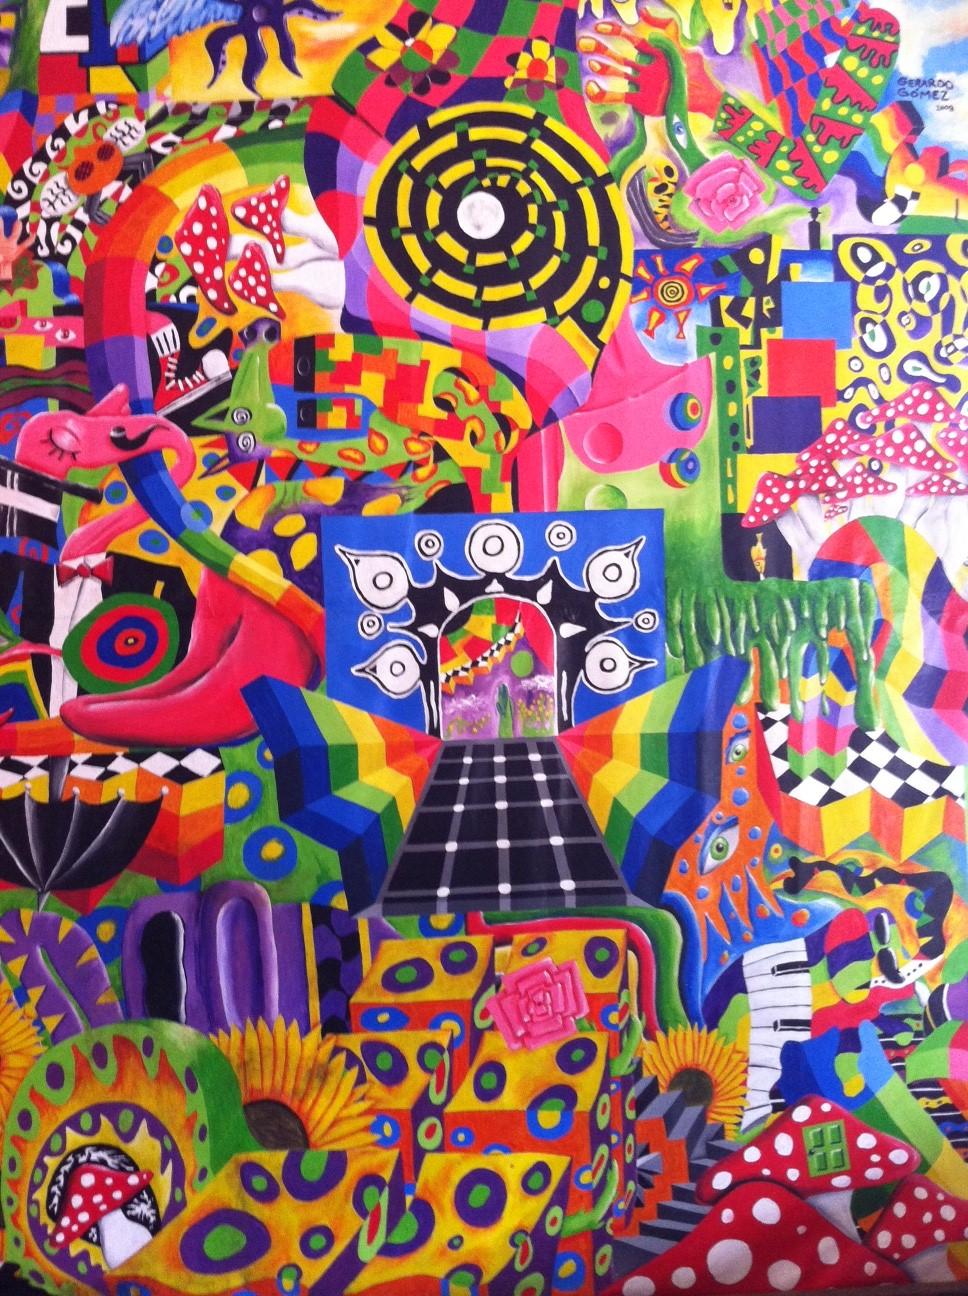 culturas and artes Ignacio antonio toscano jarquín encargado de despacho de la secretaria de las culturas y artes de oaxaca teléfono: 50-16693 ext 12103 y 12105.